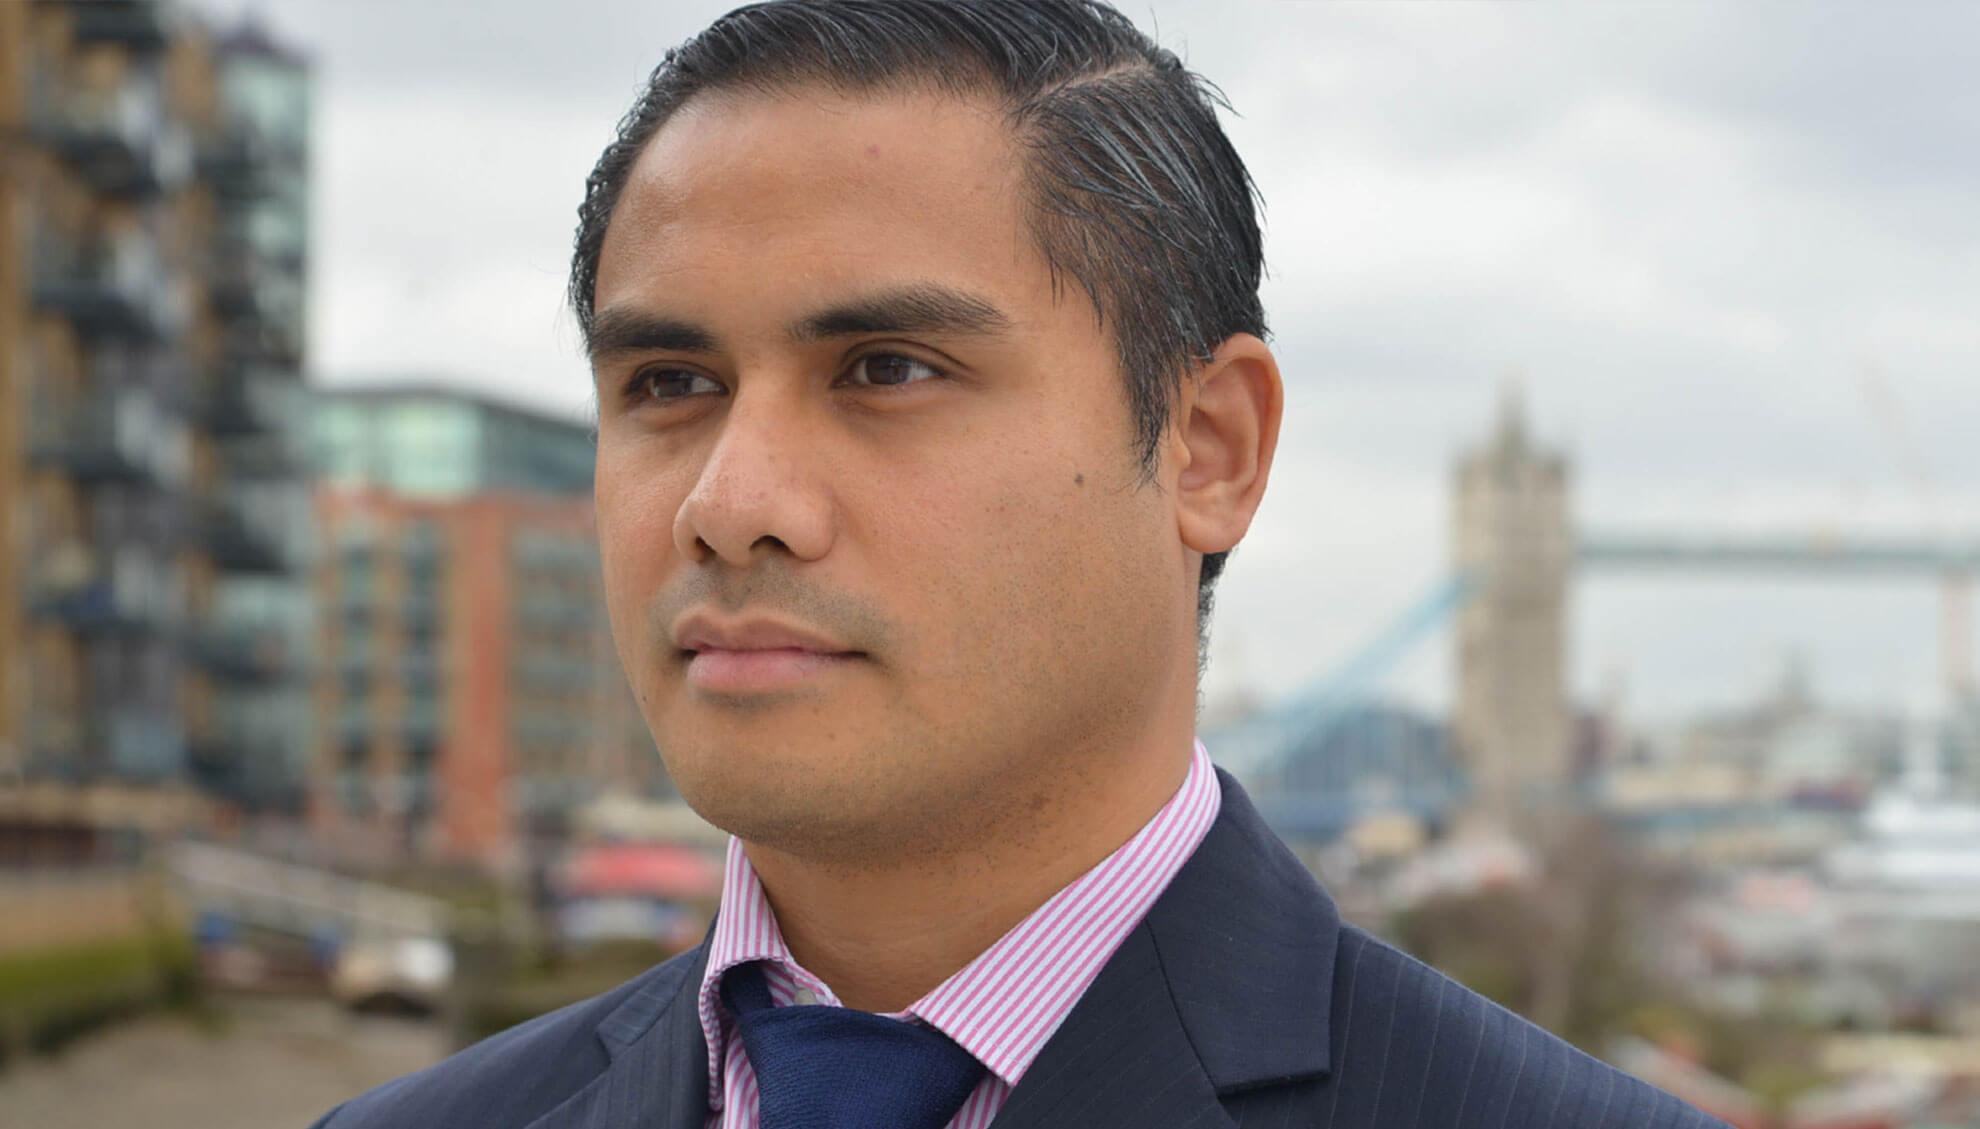 Russell Sanchez